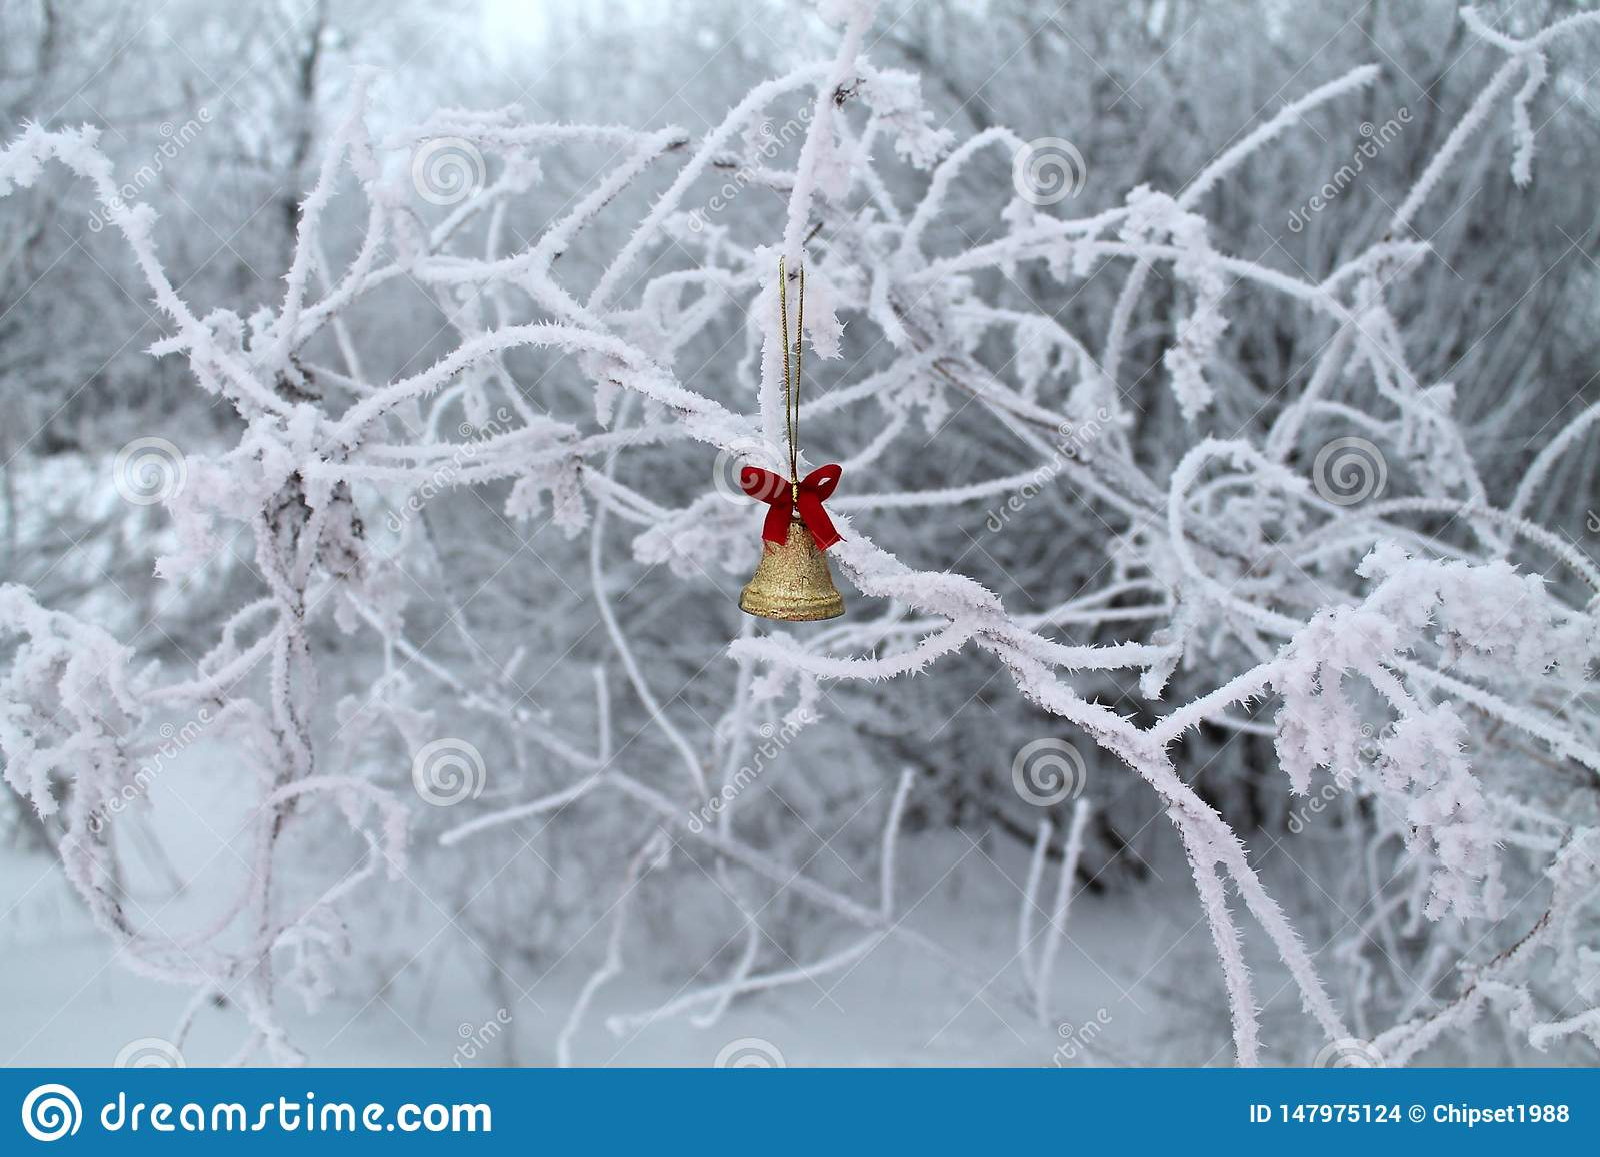 Русское холодное рождество мечты